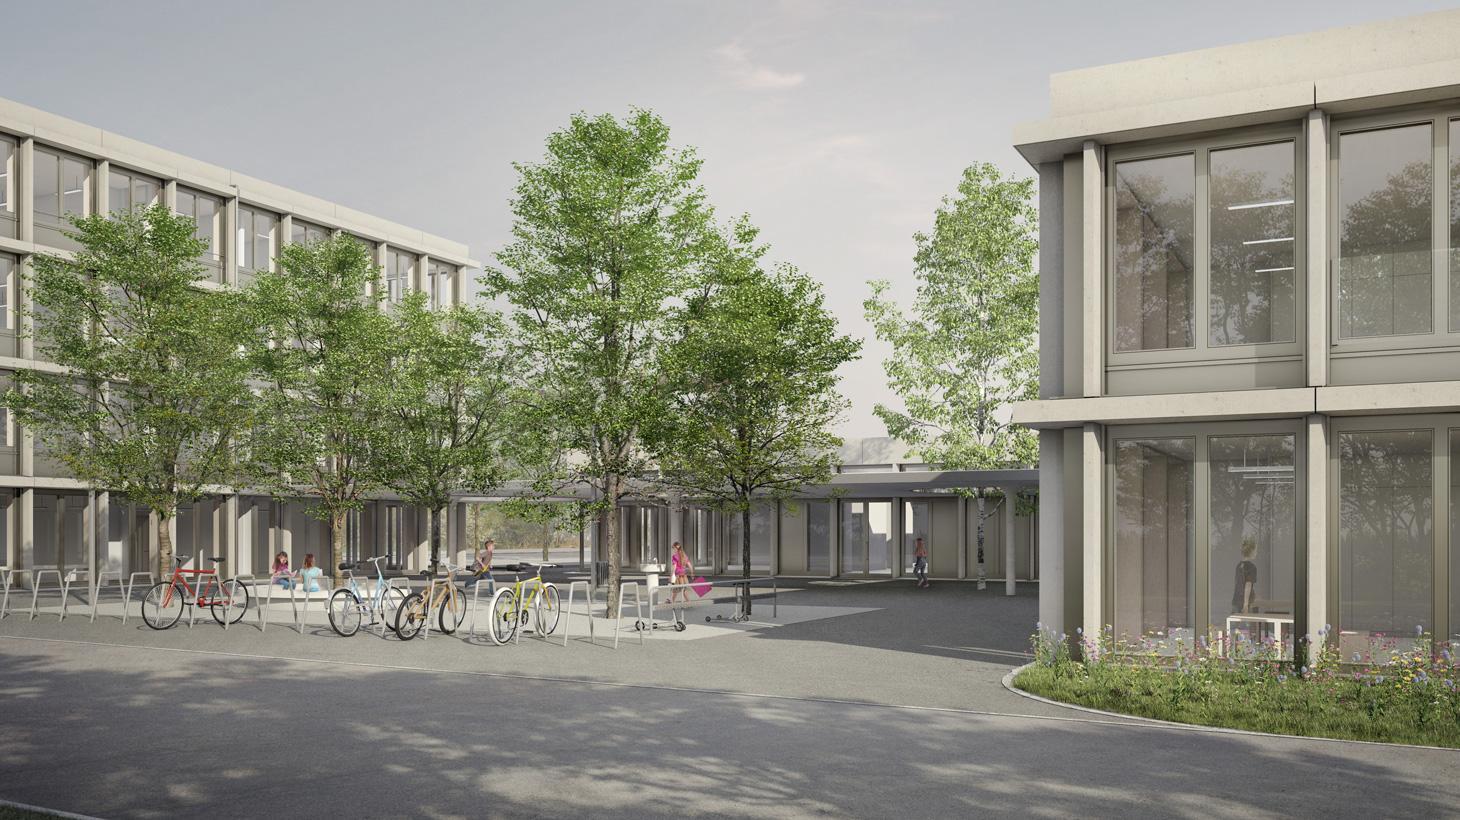 Projektwettbewerb Schulhaus Dietlimoos, Adliswil, Planergemeinschaft ADL, Kuhlbrodt & Peters Architekten